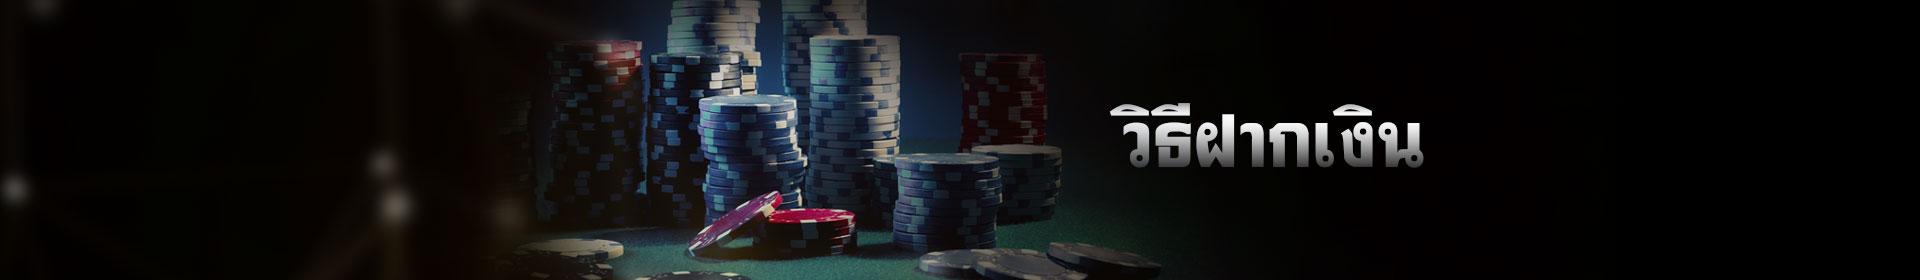 วิธีฝากเงิน - How to deposit LuckyNiki